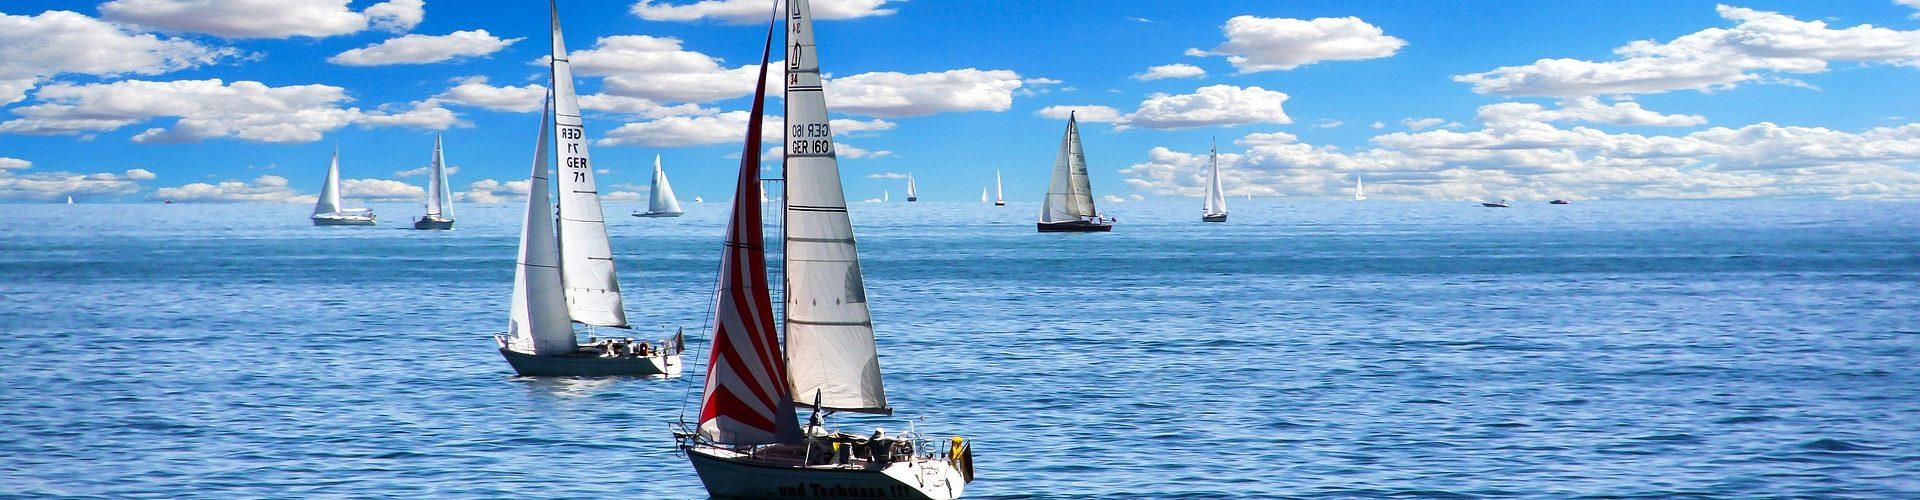 segeln lernen in Gartz Oder segelschein machen in Gartz Oder 1920x500 - Segeln lernen in Gartz (Oder)